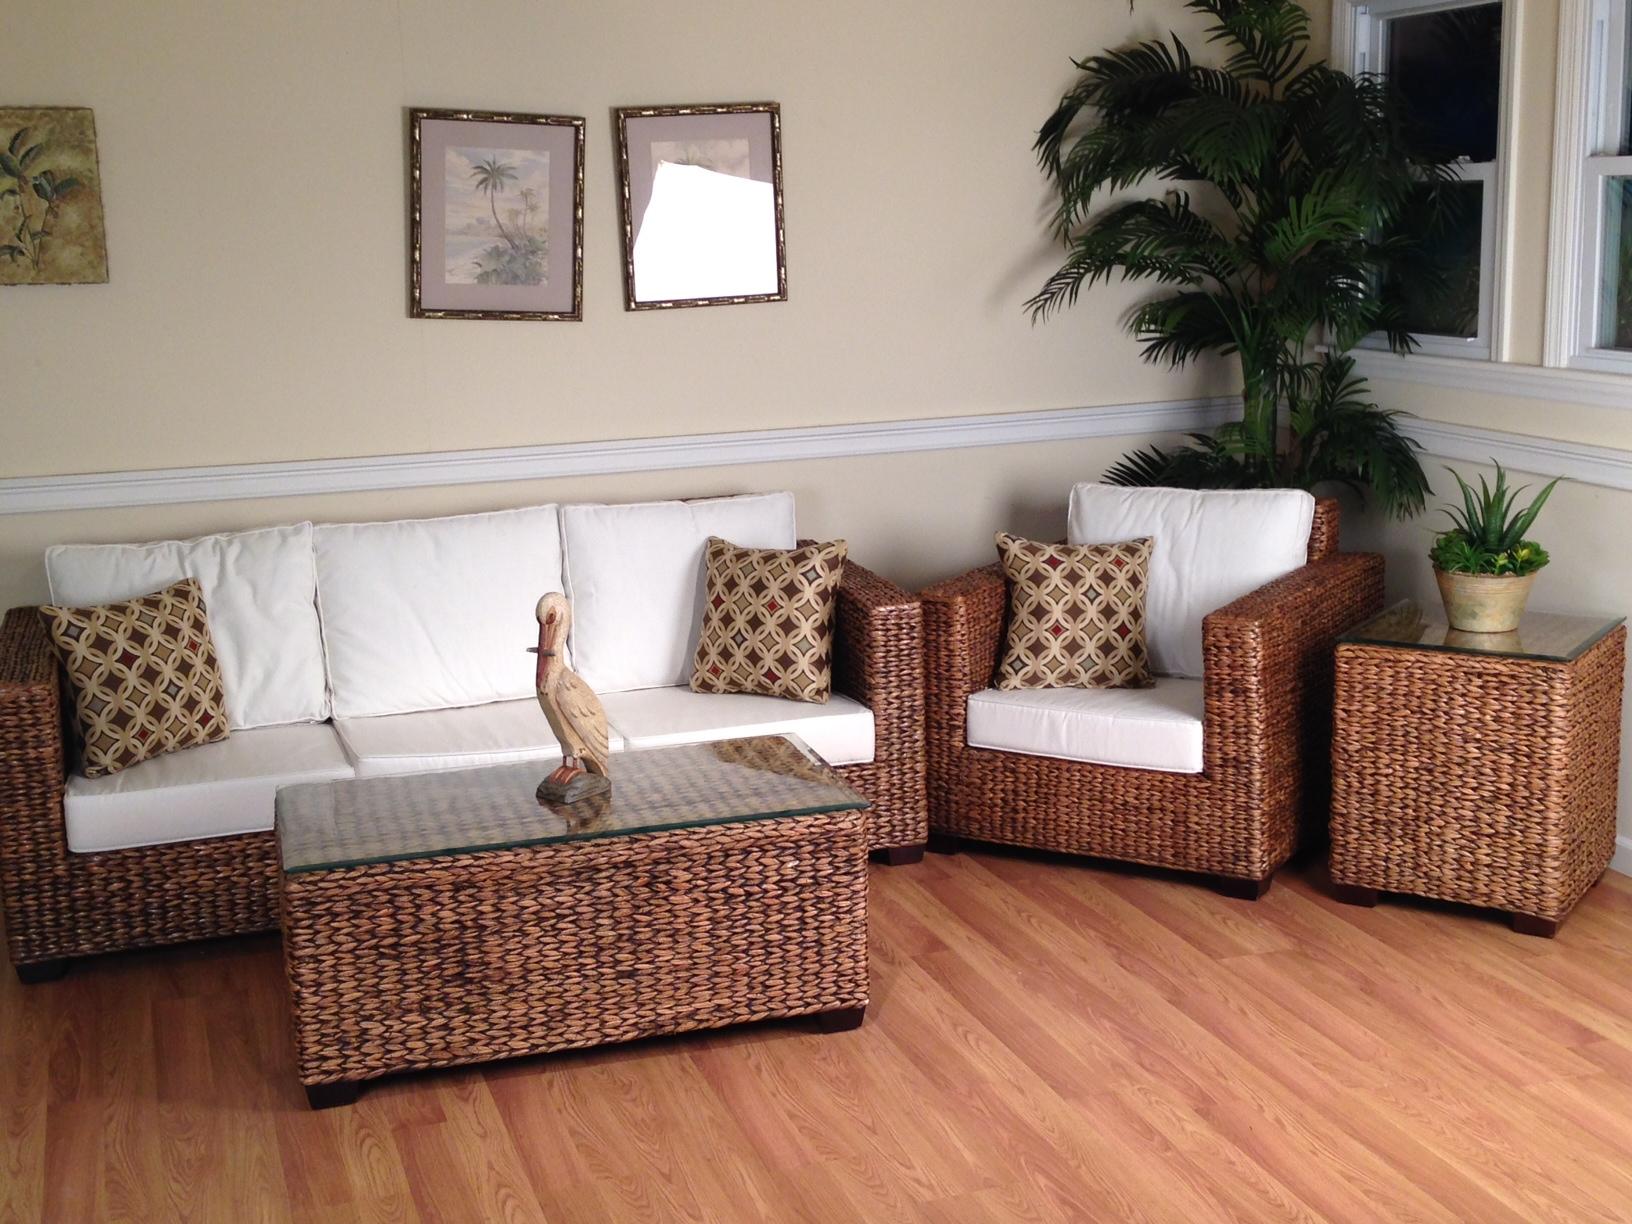 Patio, Sunroom Furniture Sets Statue Vase Flower Frame Tree Window Table  Chair: amazing sunroom